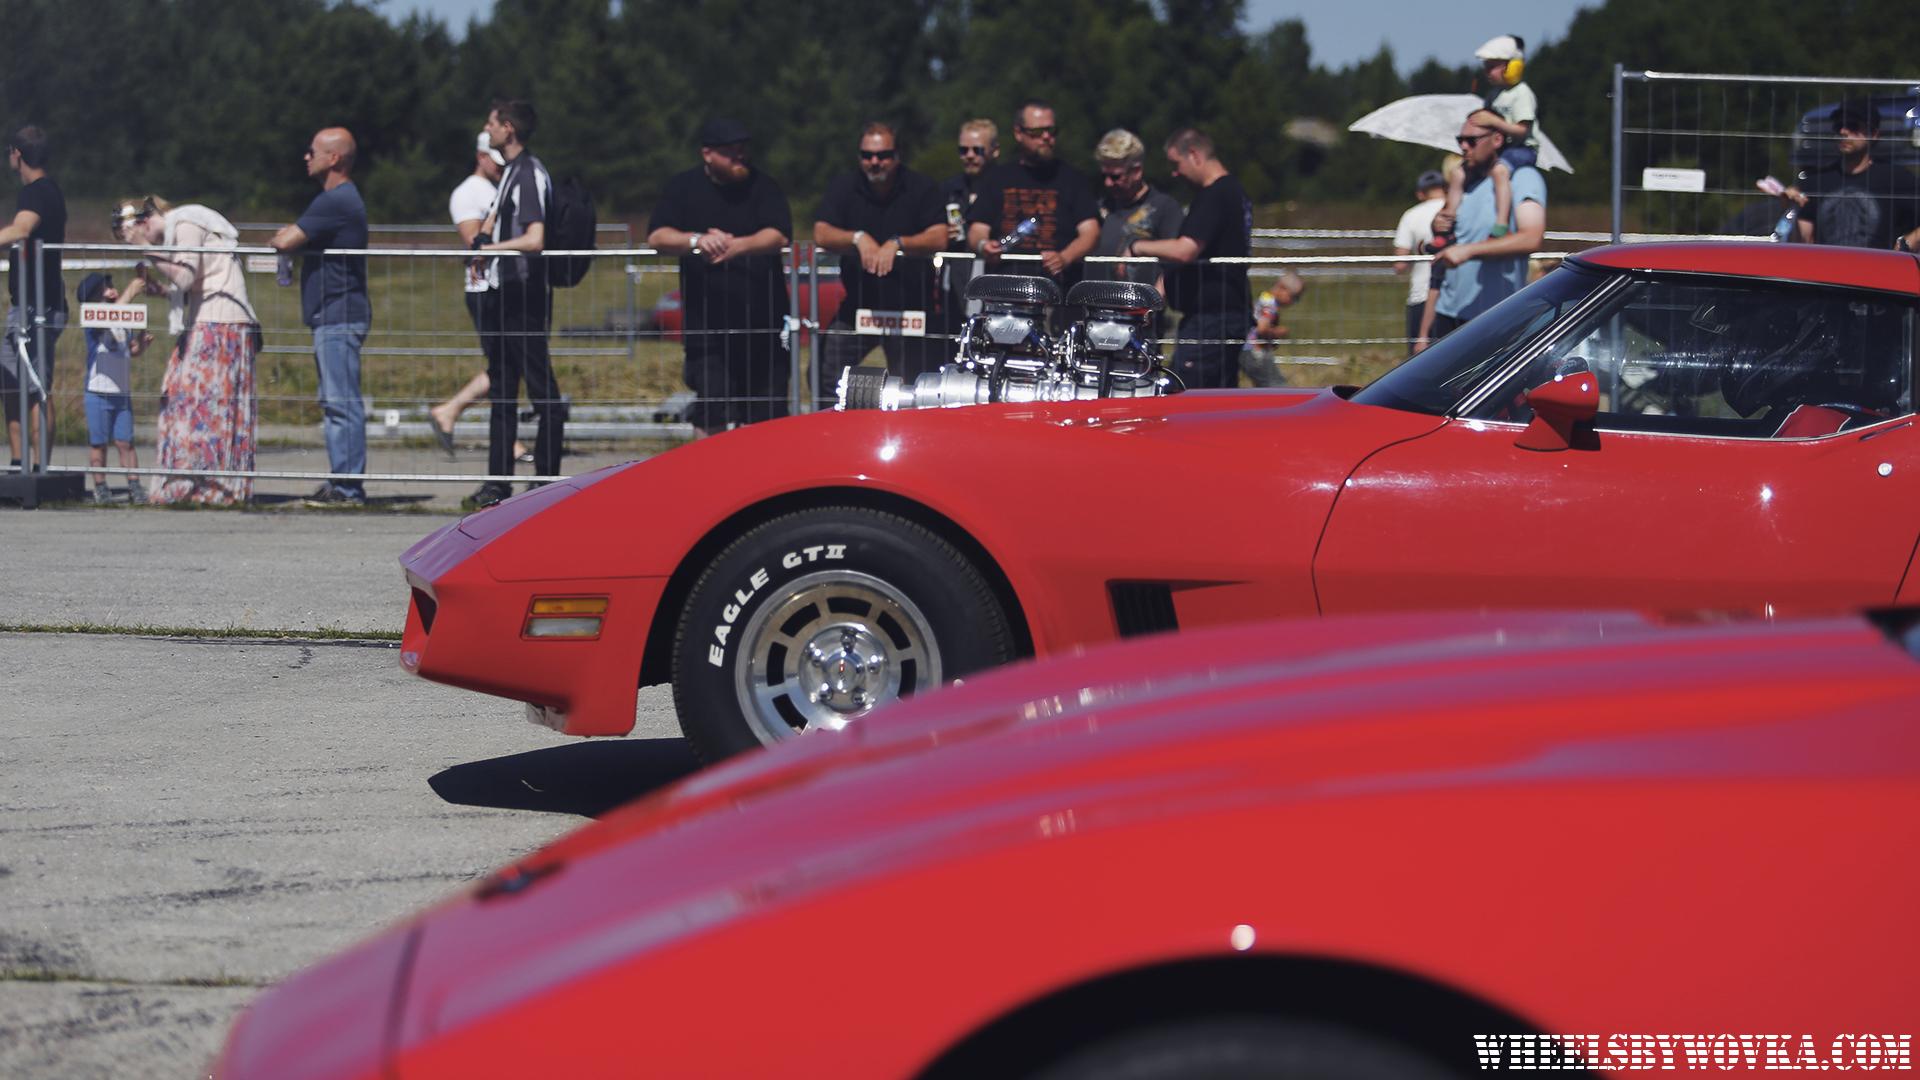 american-beauty-car-show-2017-haapsalu-dragrace-by-wheelsbywovka-9